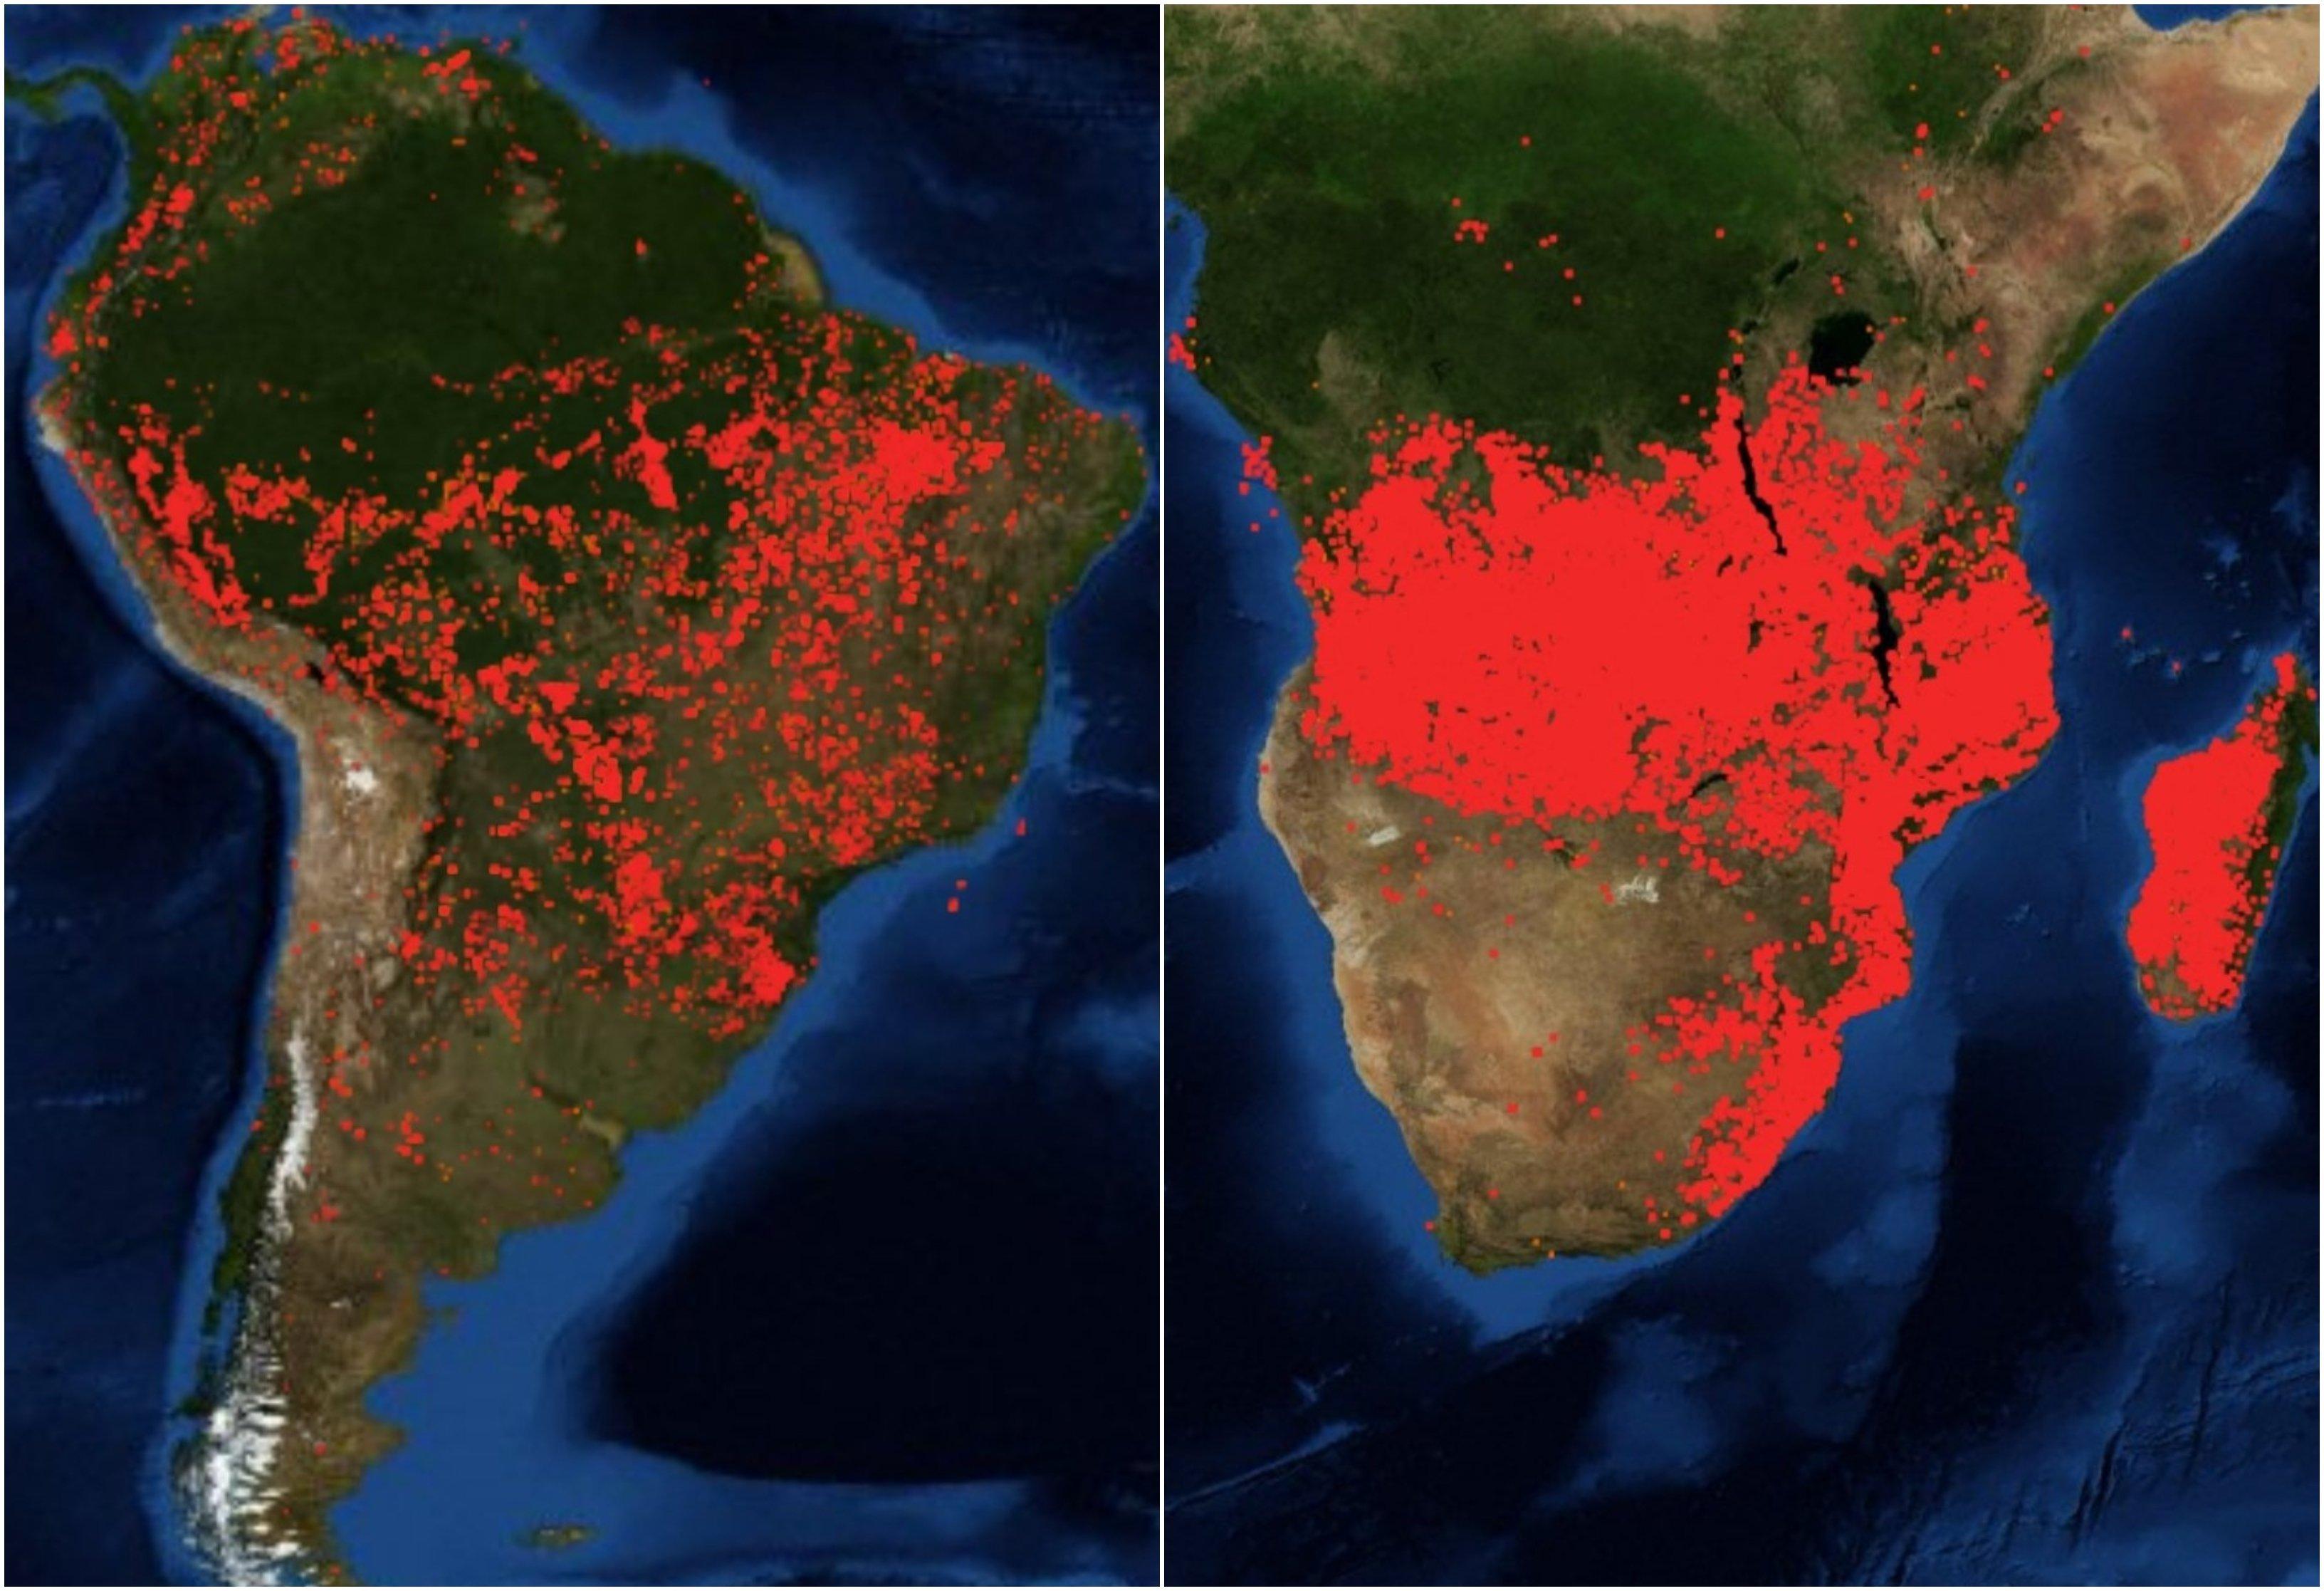 África: El otro 'pulmón verde' del planeta también arde